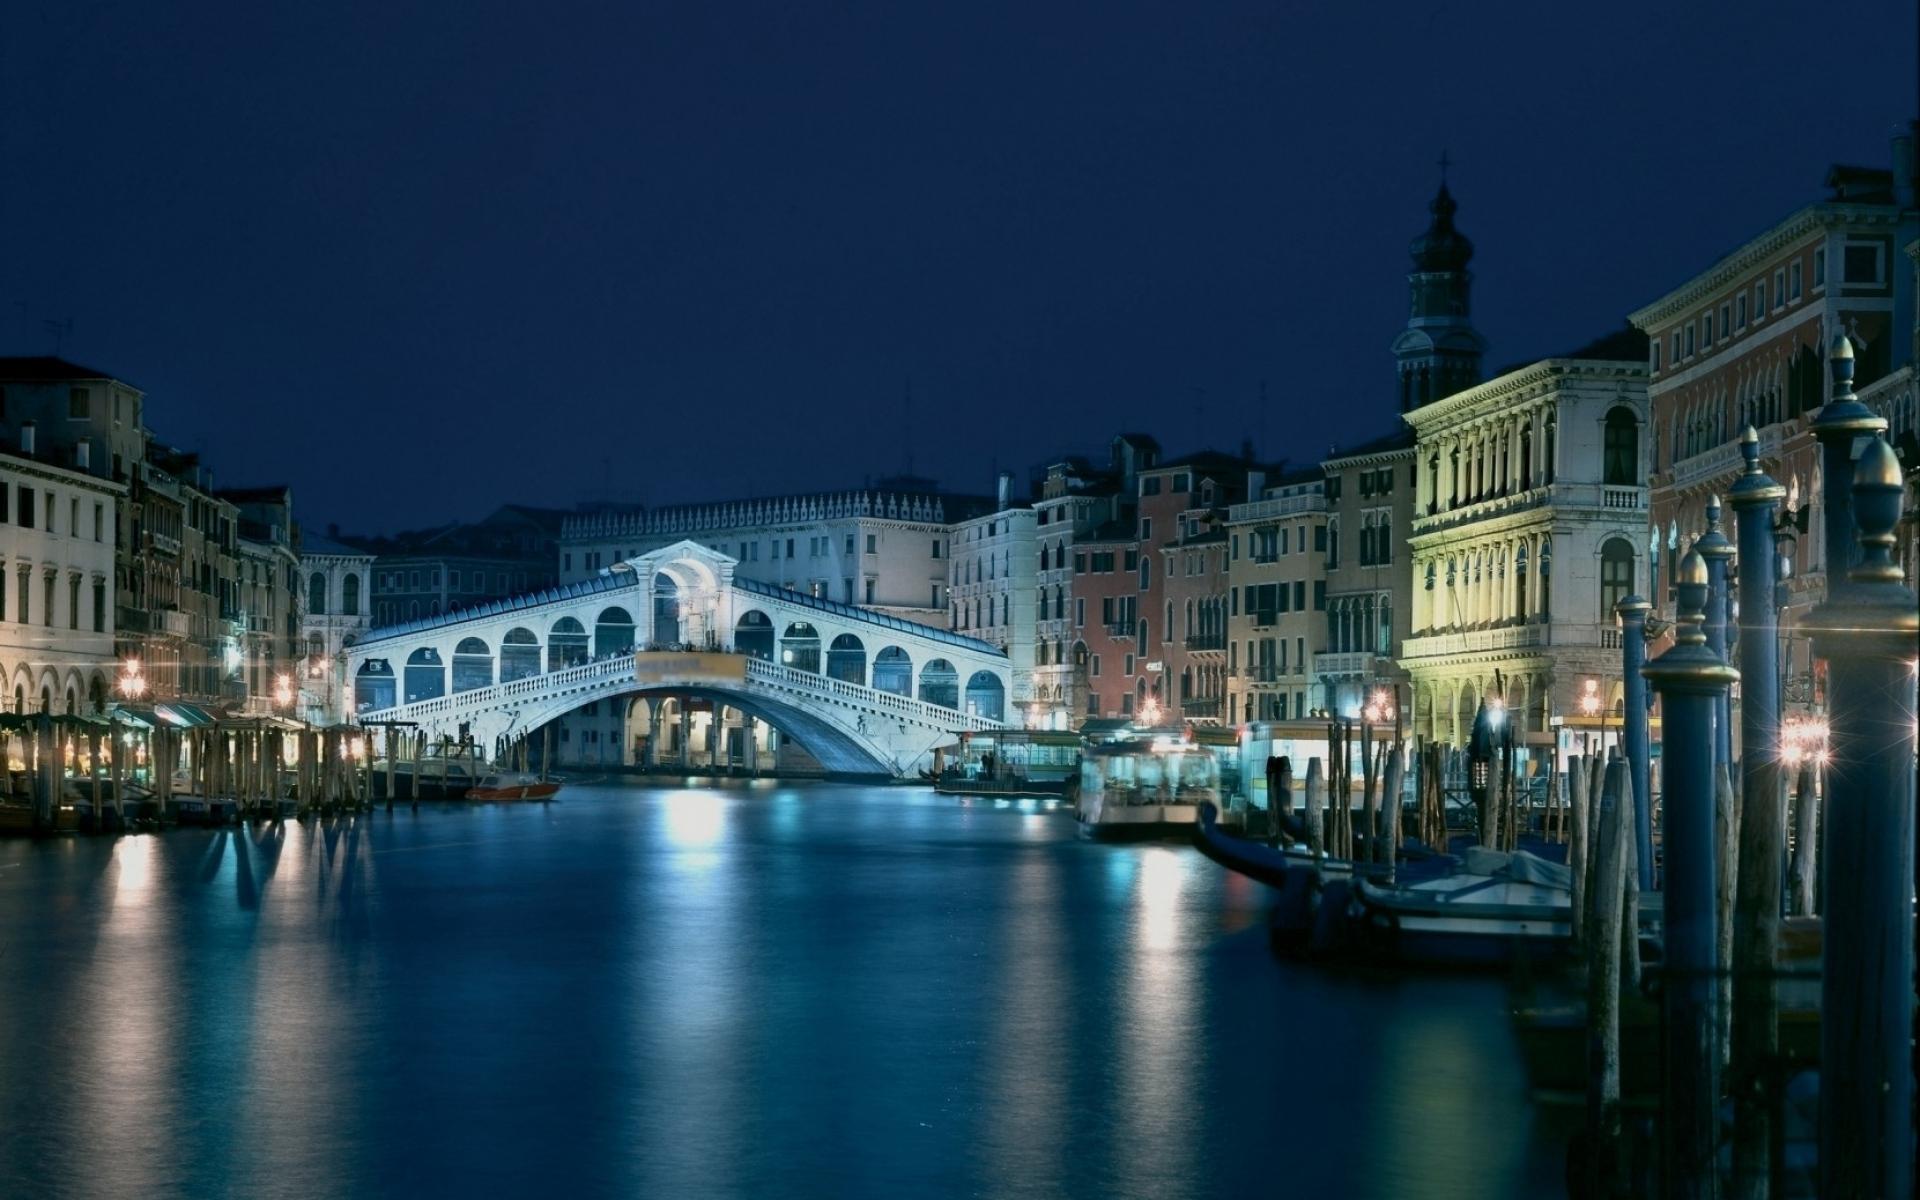 Картинки Венеция, Италия, архитектура, вечер, канал, здание фото и обои на рабочий стол